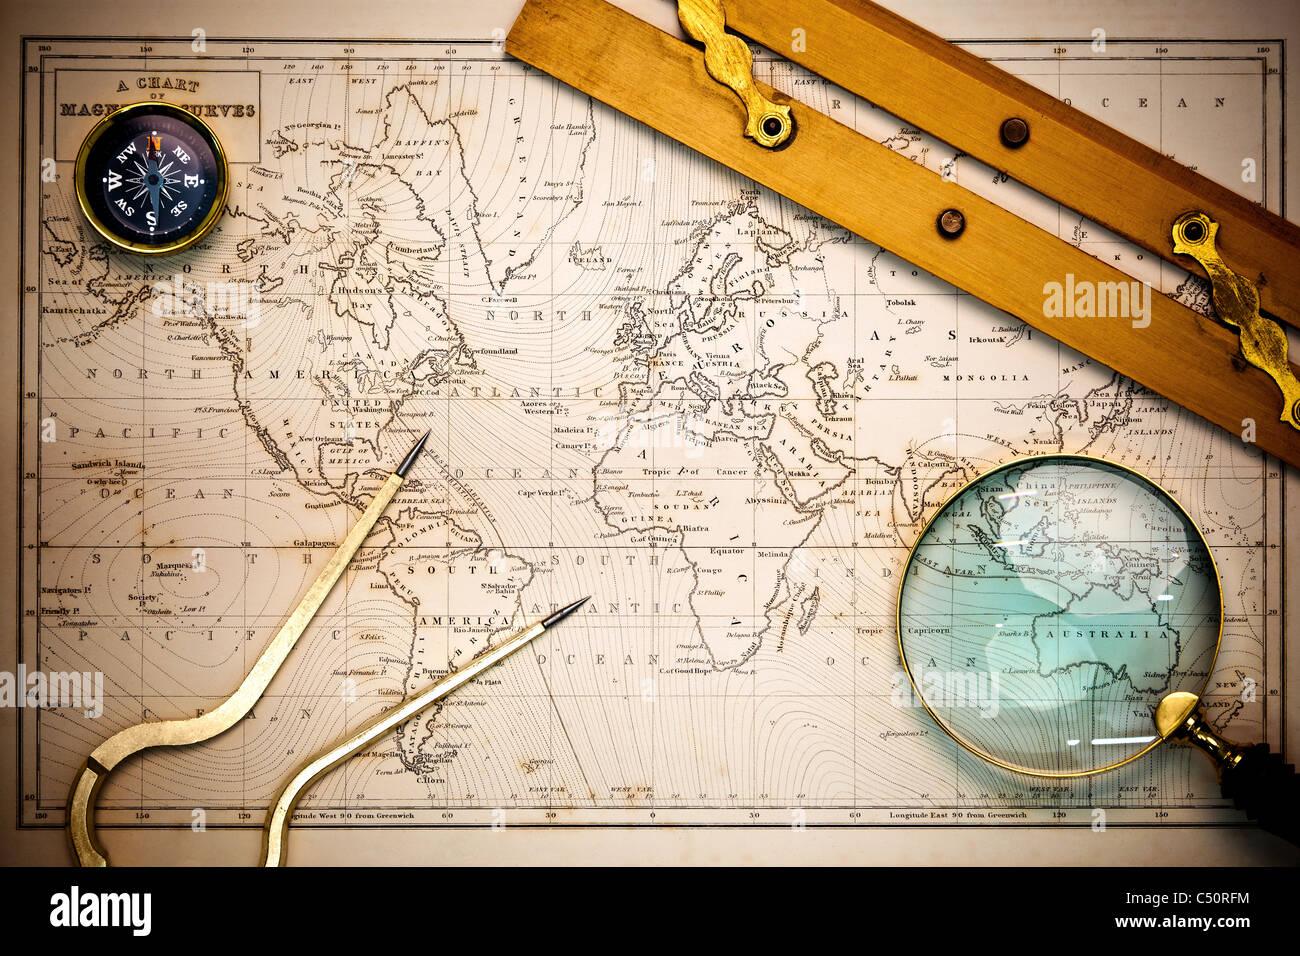 Foto von einem alten Hasen gezeichnet 19. Jahrhundert Karte mit Navigations-Objekten, mit Vignettierung. Stockbild